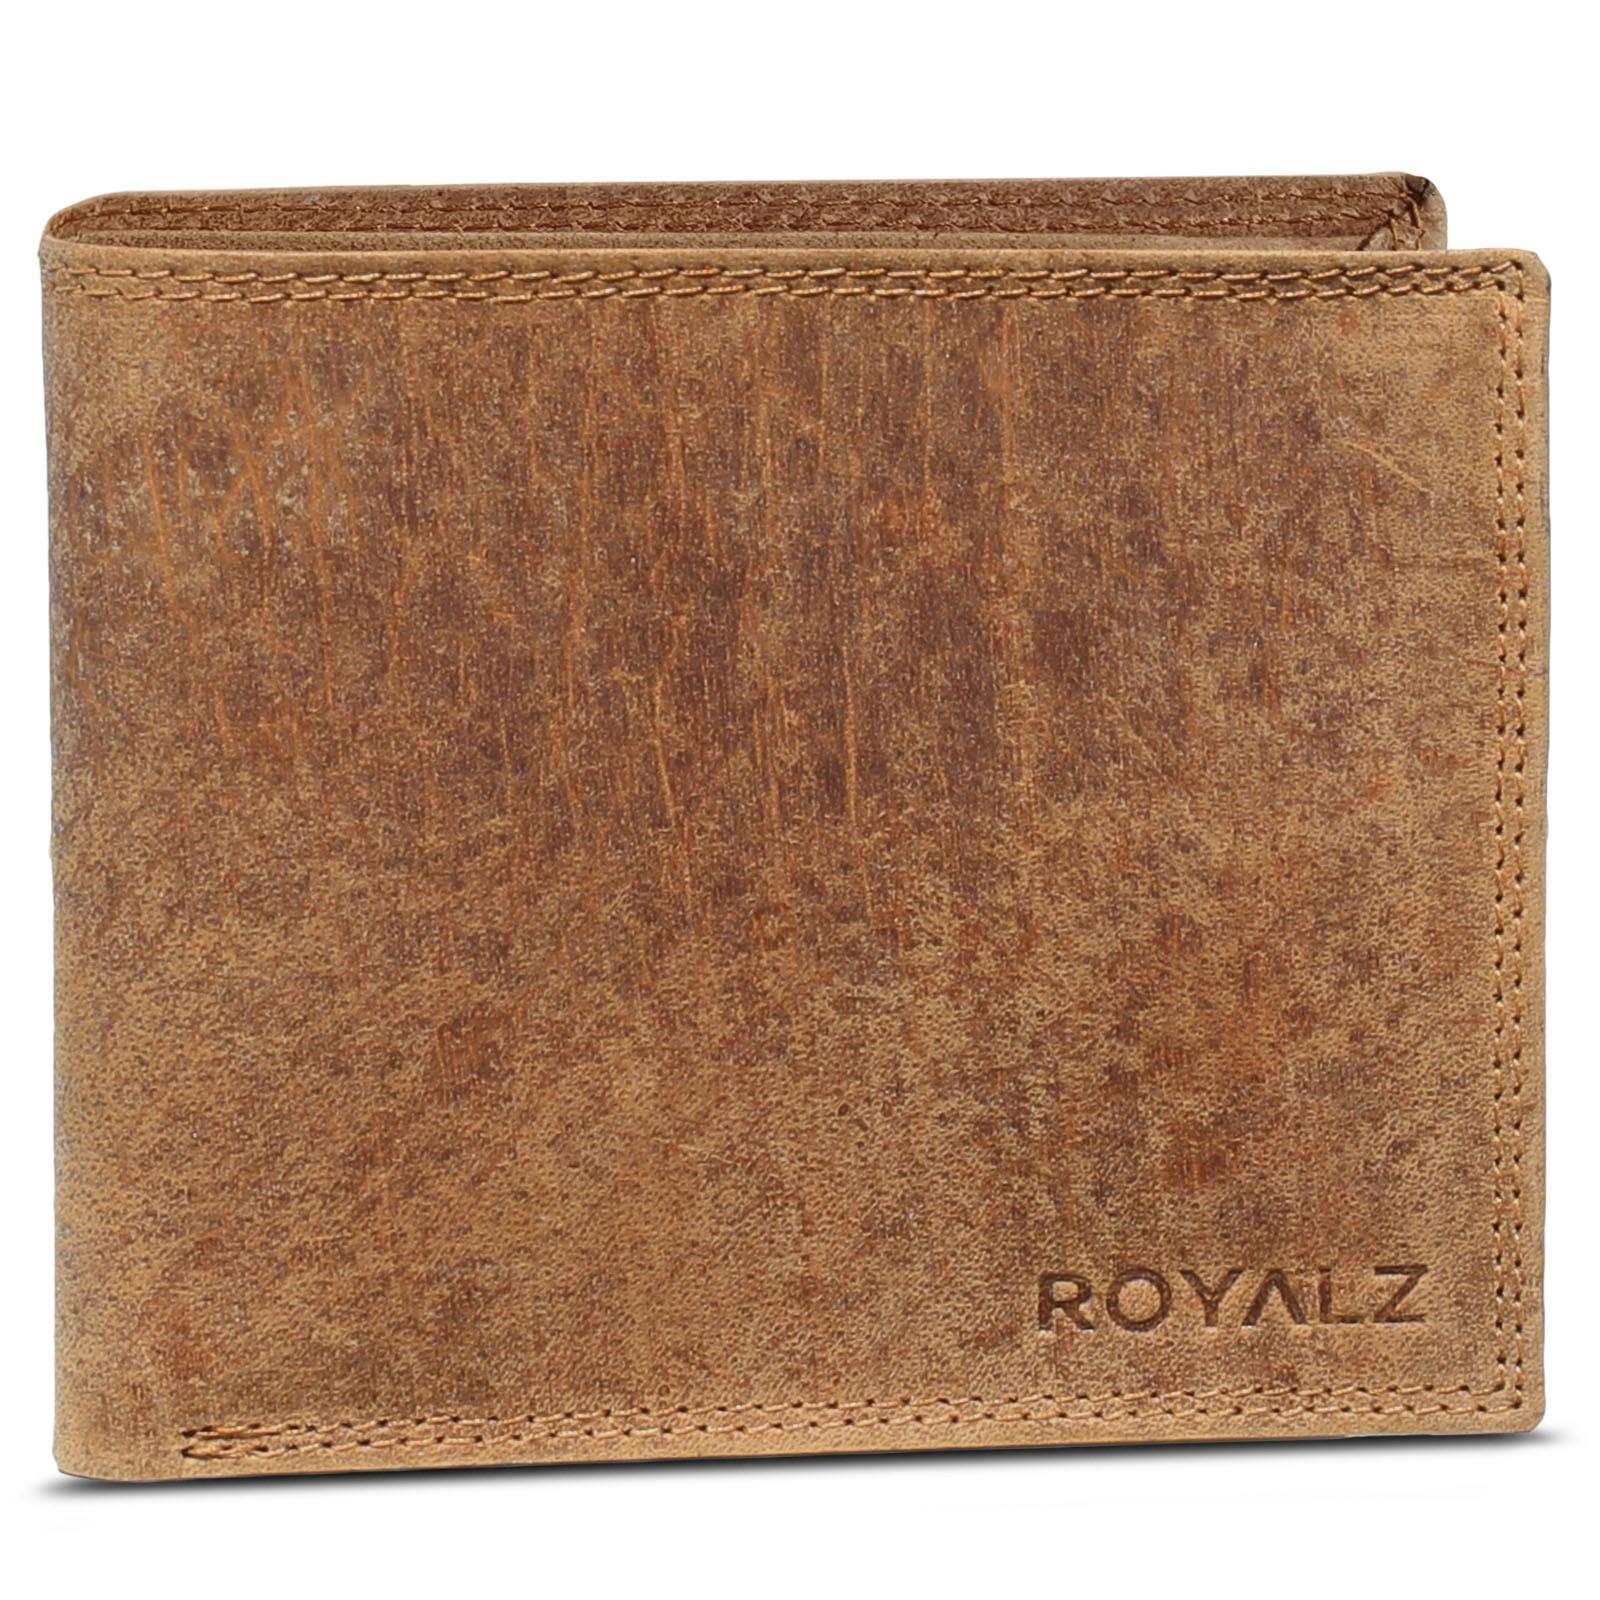 537f8f577a23ef ROYALZ Vintage Geldbörse Herren klein Brieftasche aus Leder Geldbeutel  Männer Portemonnaie braun flach Portmonee im Querformat